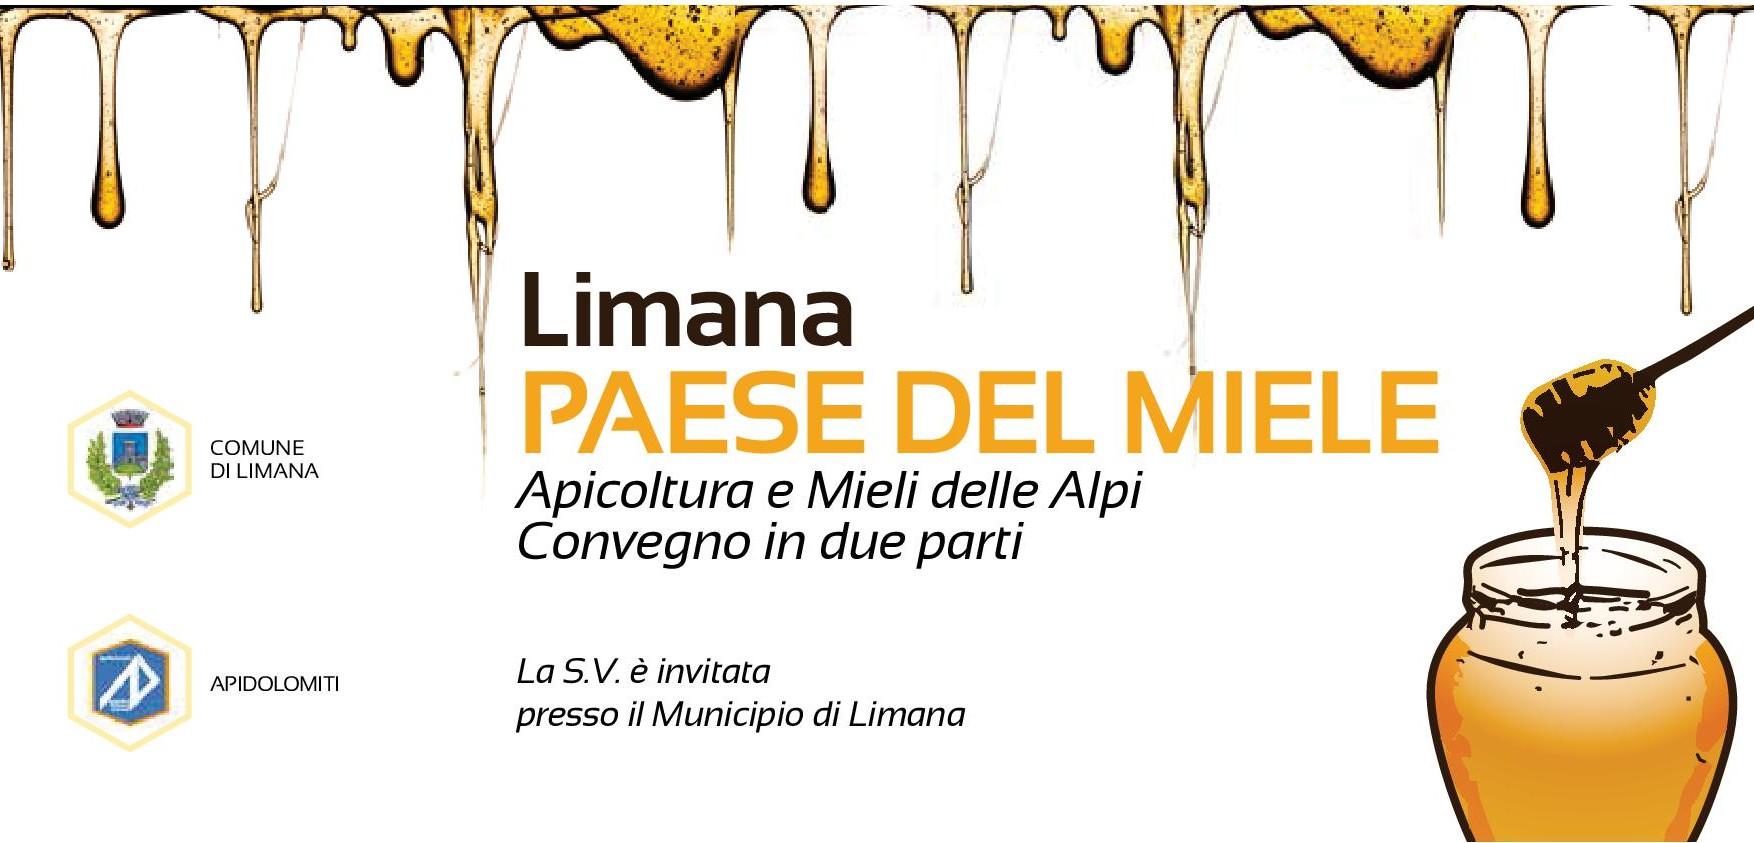 Invito-Convegno-LPDMiele2017-pag1